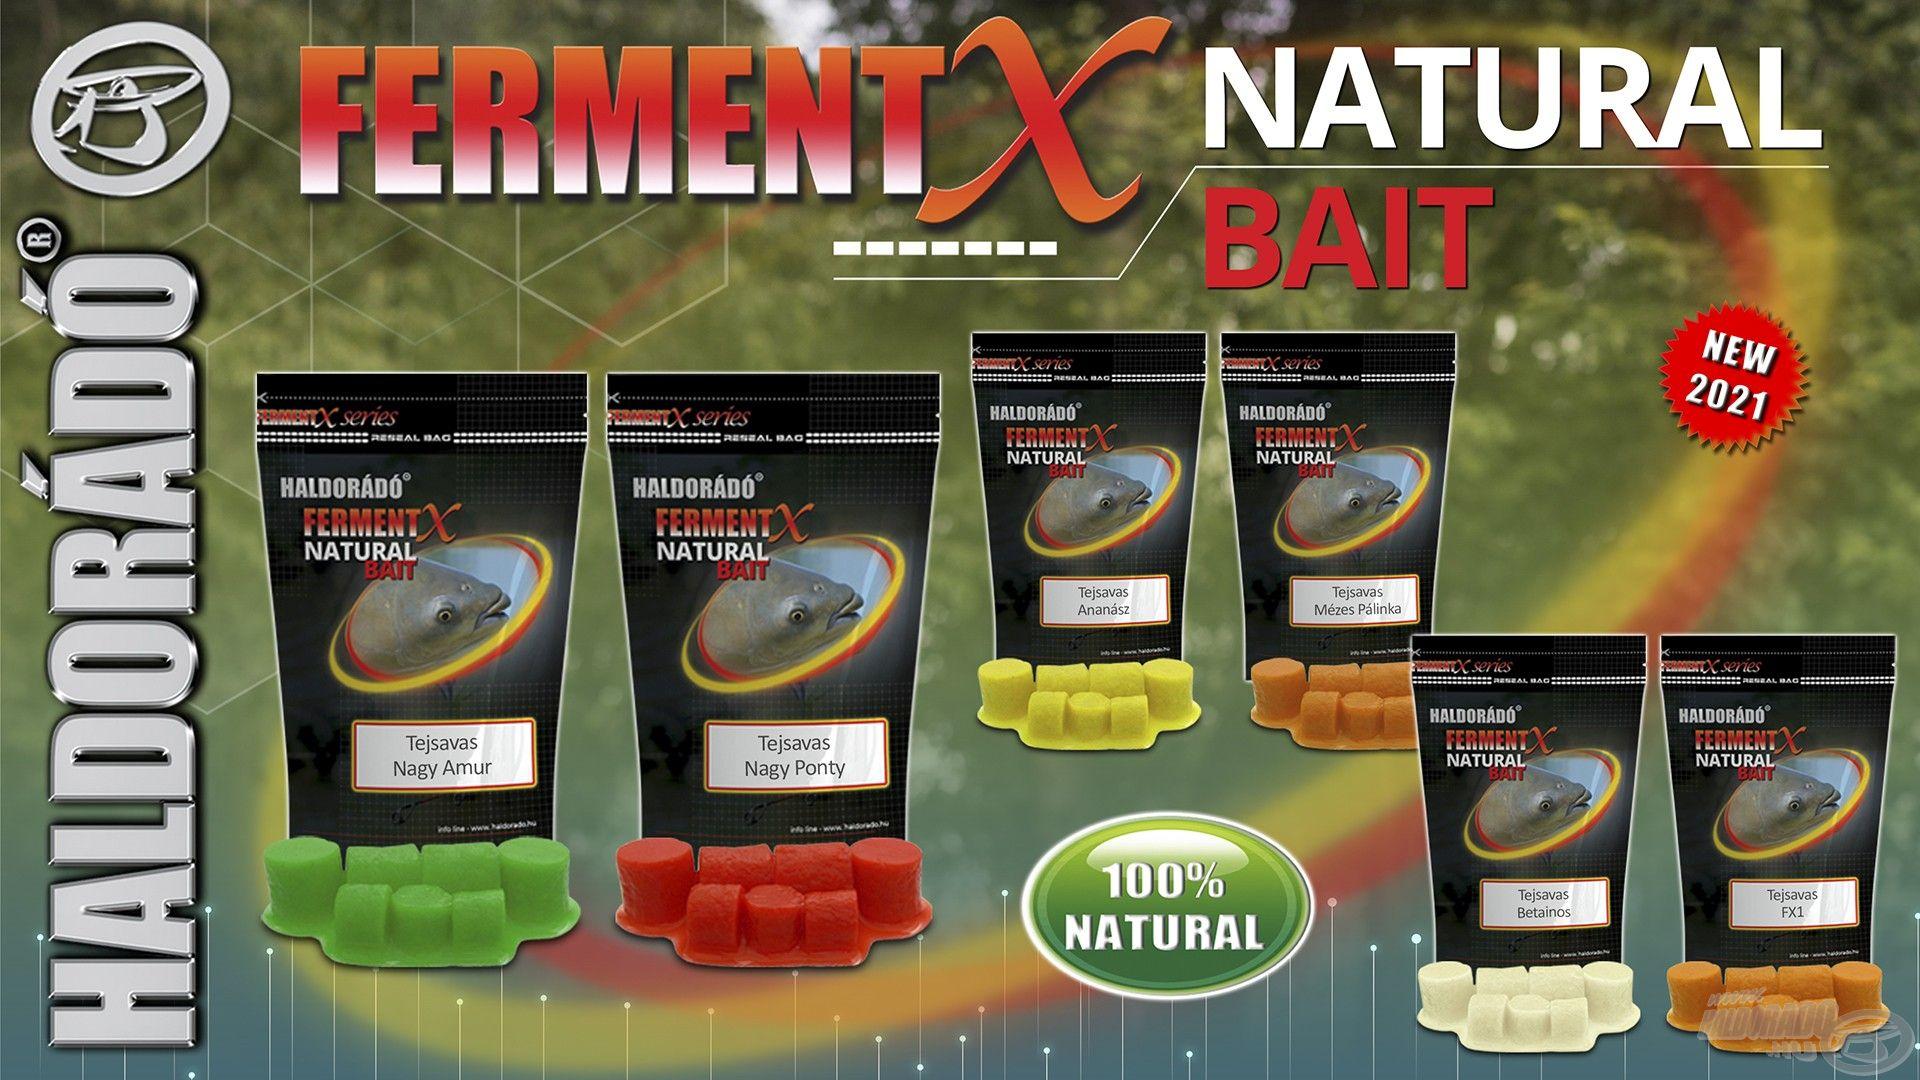 Íme, a másik bomba újdonságunk, a FermentX Natural Bait csoport!